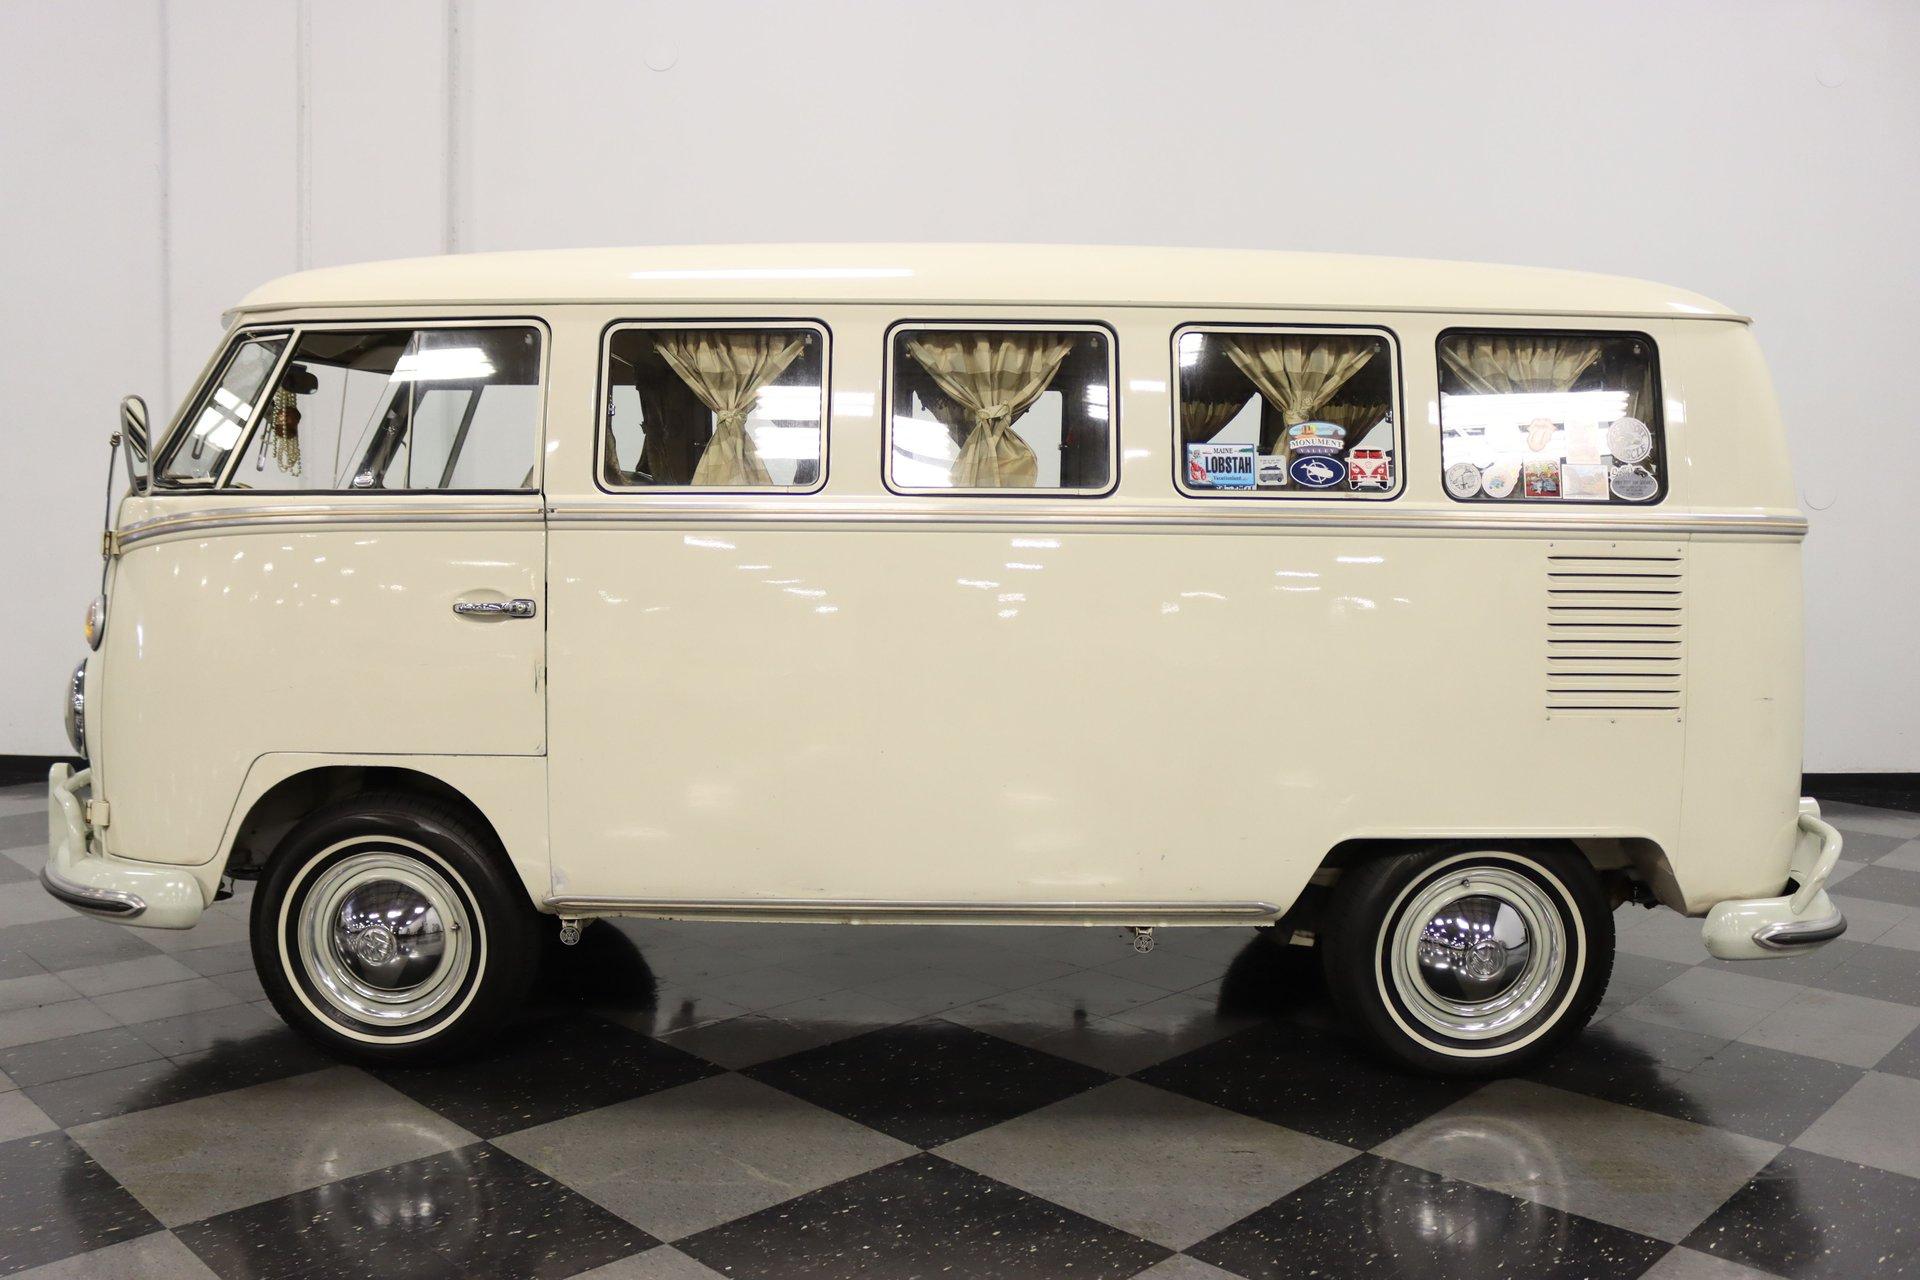 1966 volkswagen type 2 13 window deluxe bus